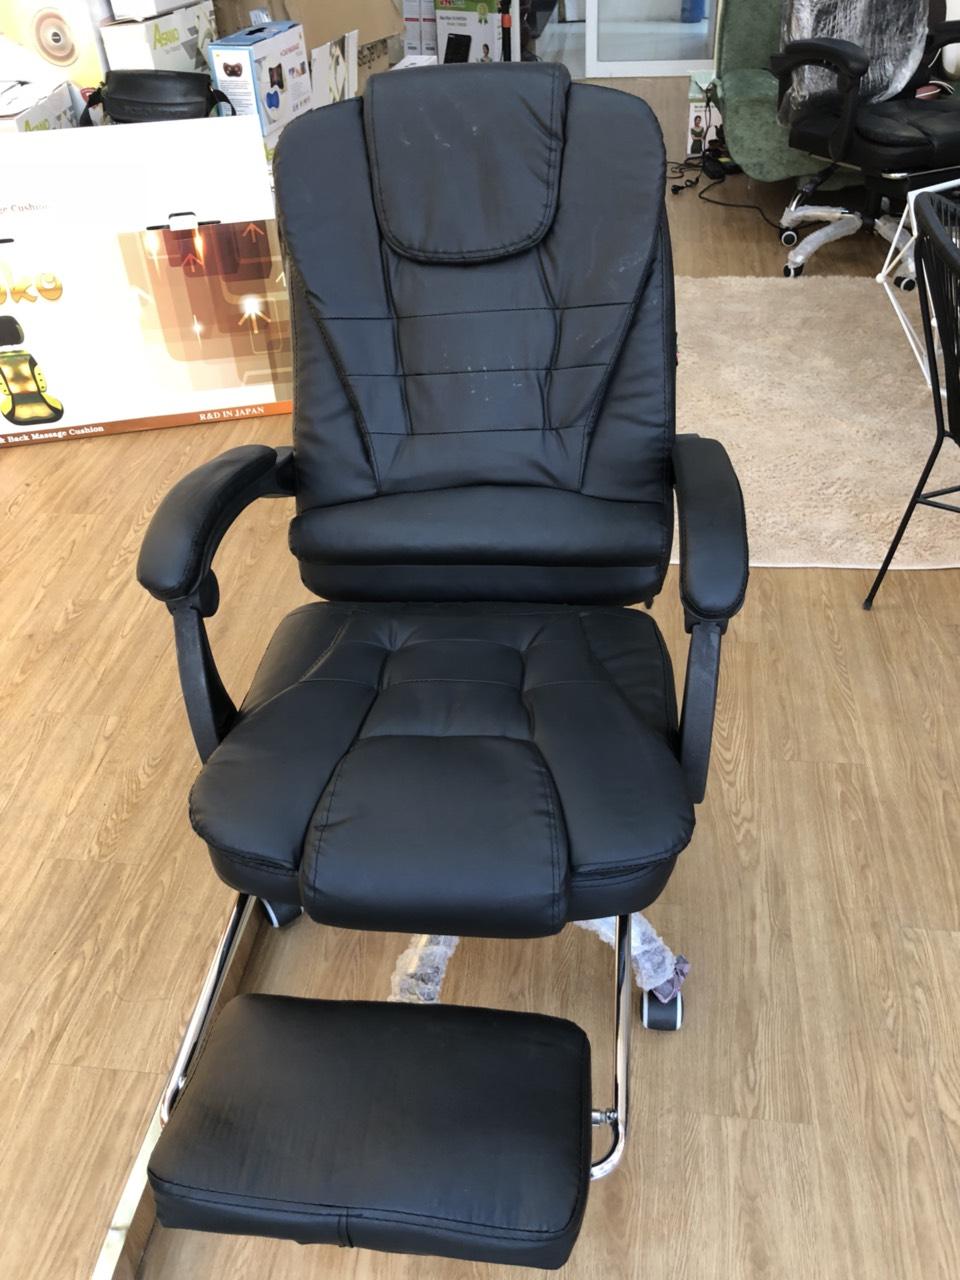 Ghế massage văn phòng 2019